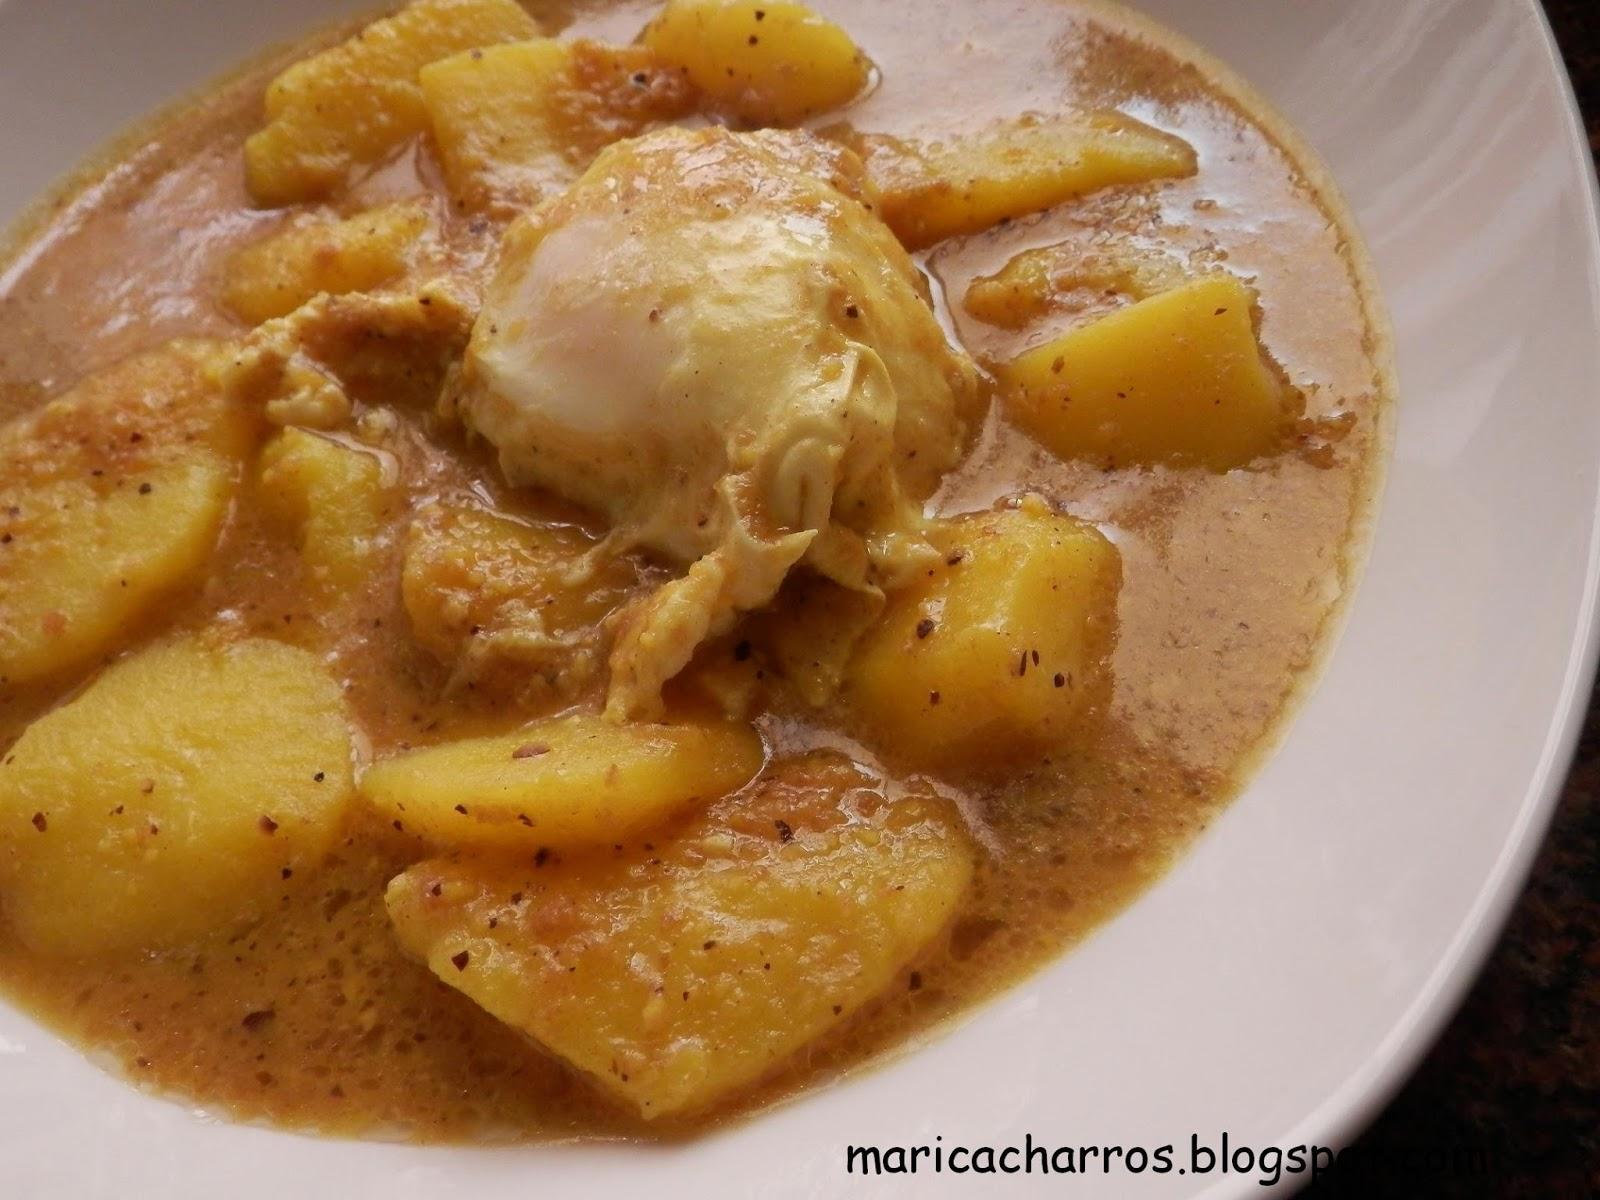 Maricacharros patatas en ajopollo - Tiempo para cocer patatas ...